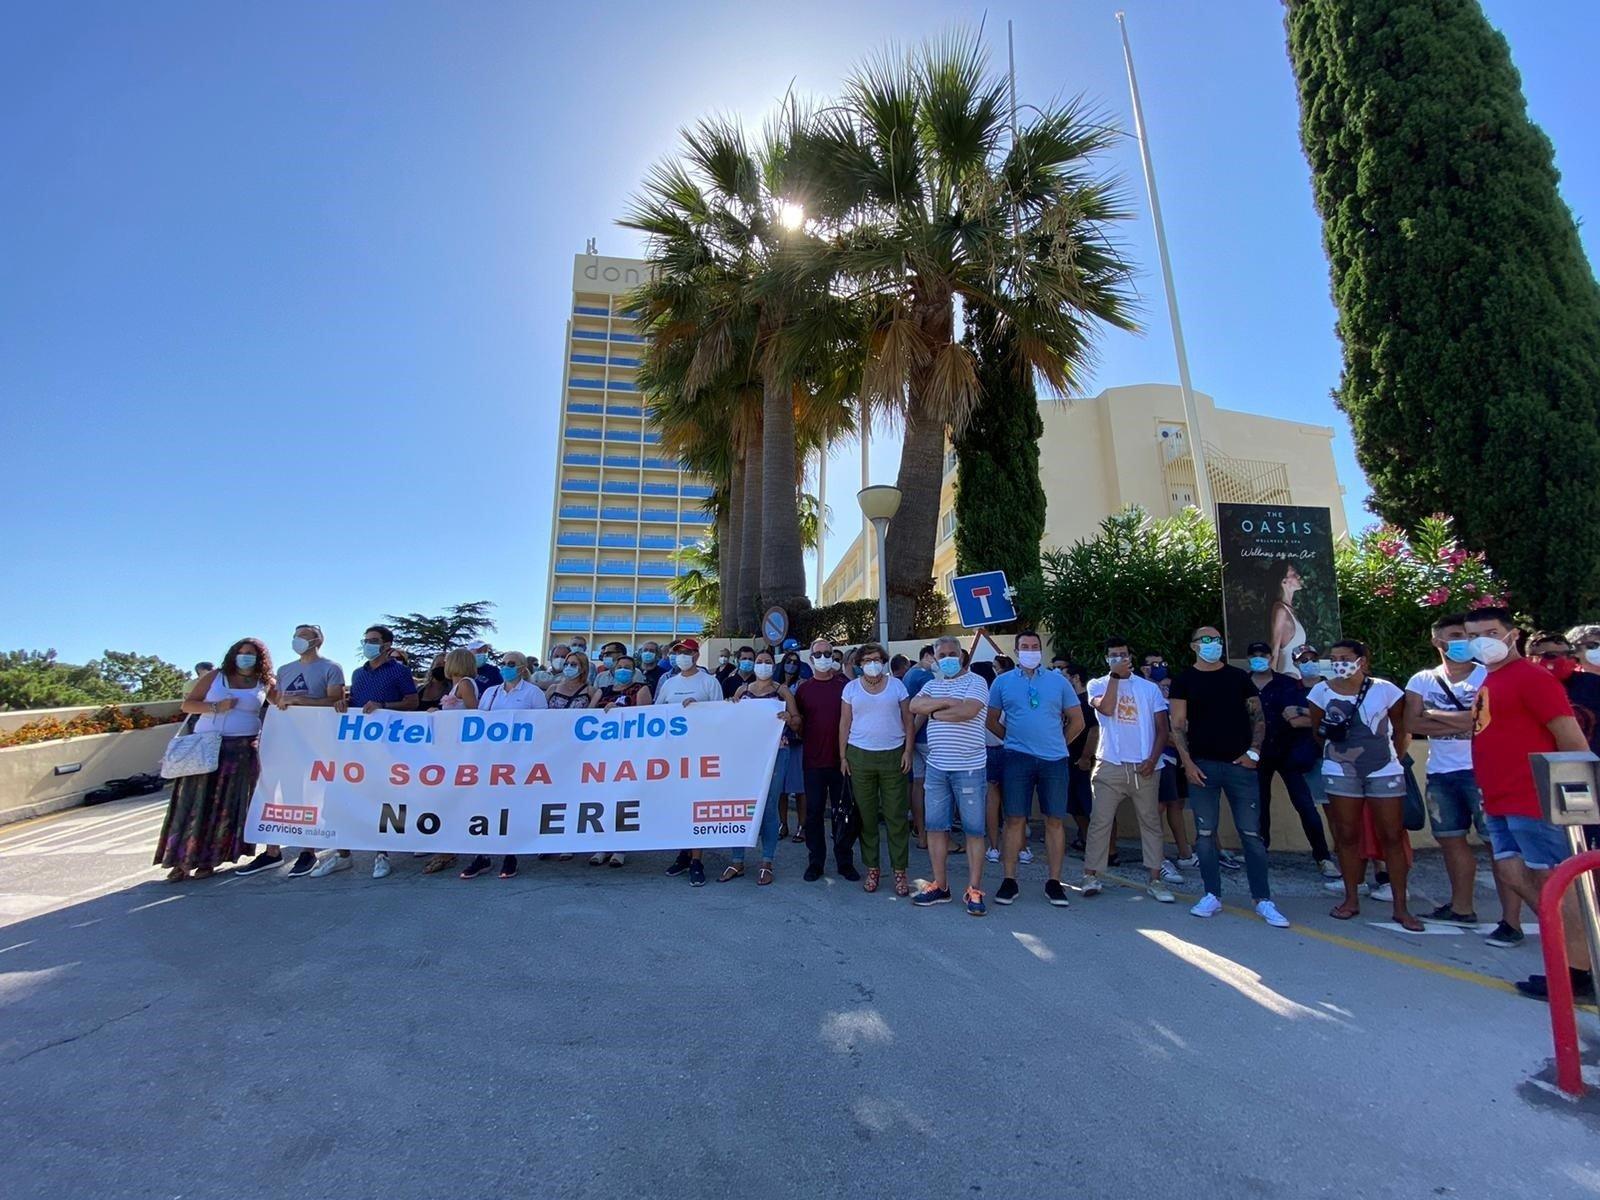 Acuerdo CCOO y UGT y la dirección del hotel Don Carlos para dar viabilidad al establecimiento. FOTO: CCOO